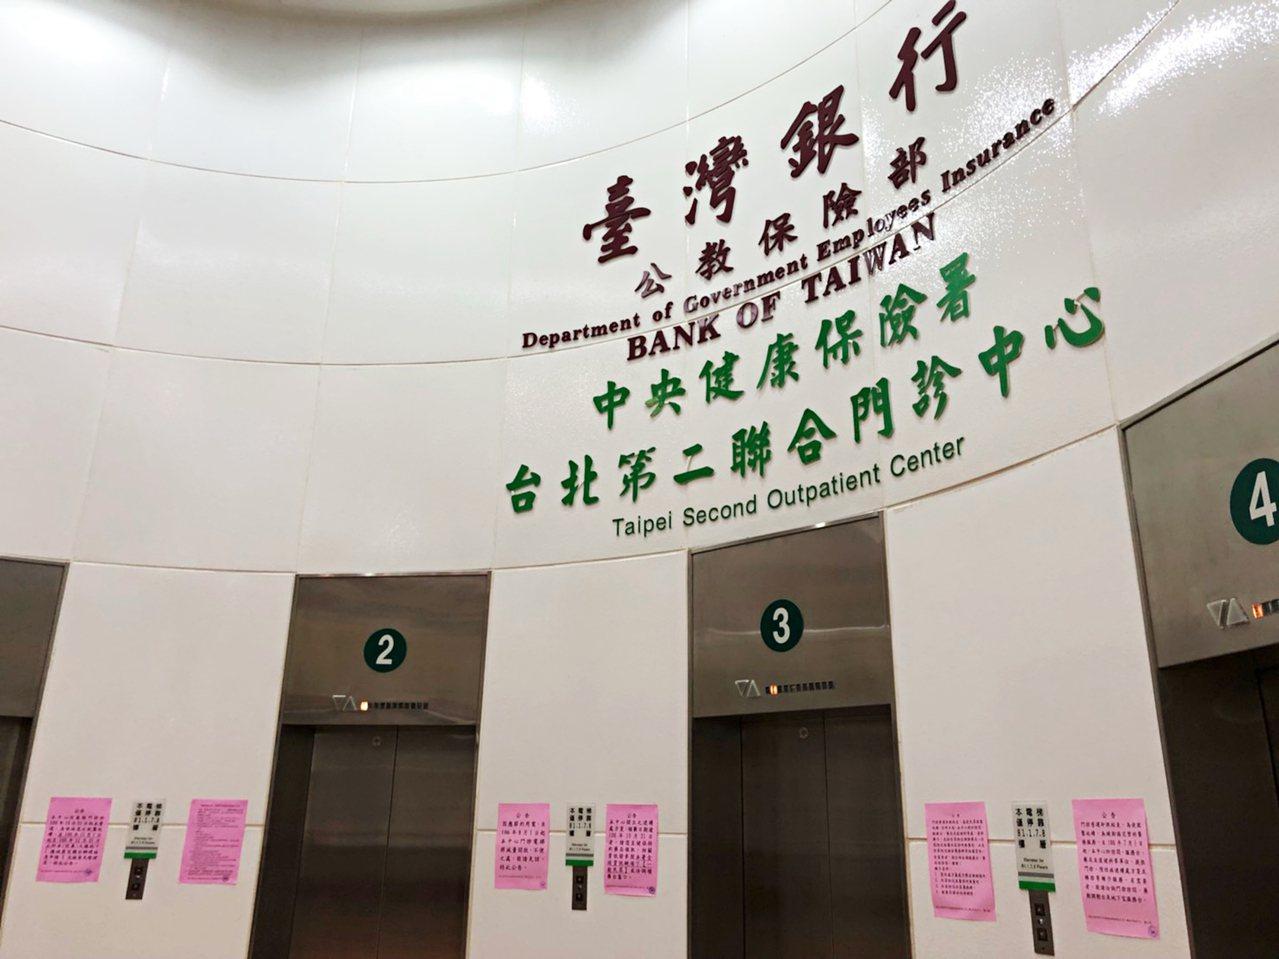 健保門診中心早年是服務公務人員的「公保門診」,承載許多老台北人的共同回憶,但因法...